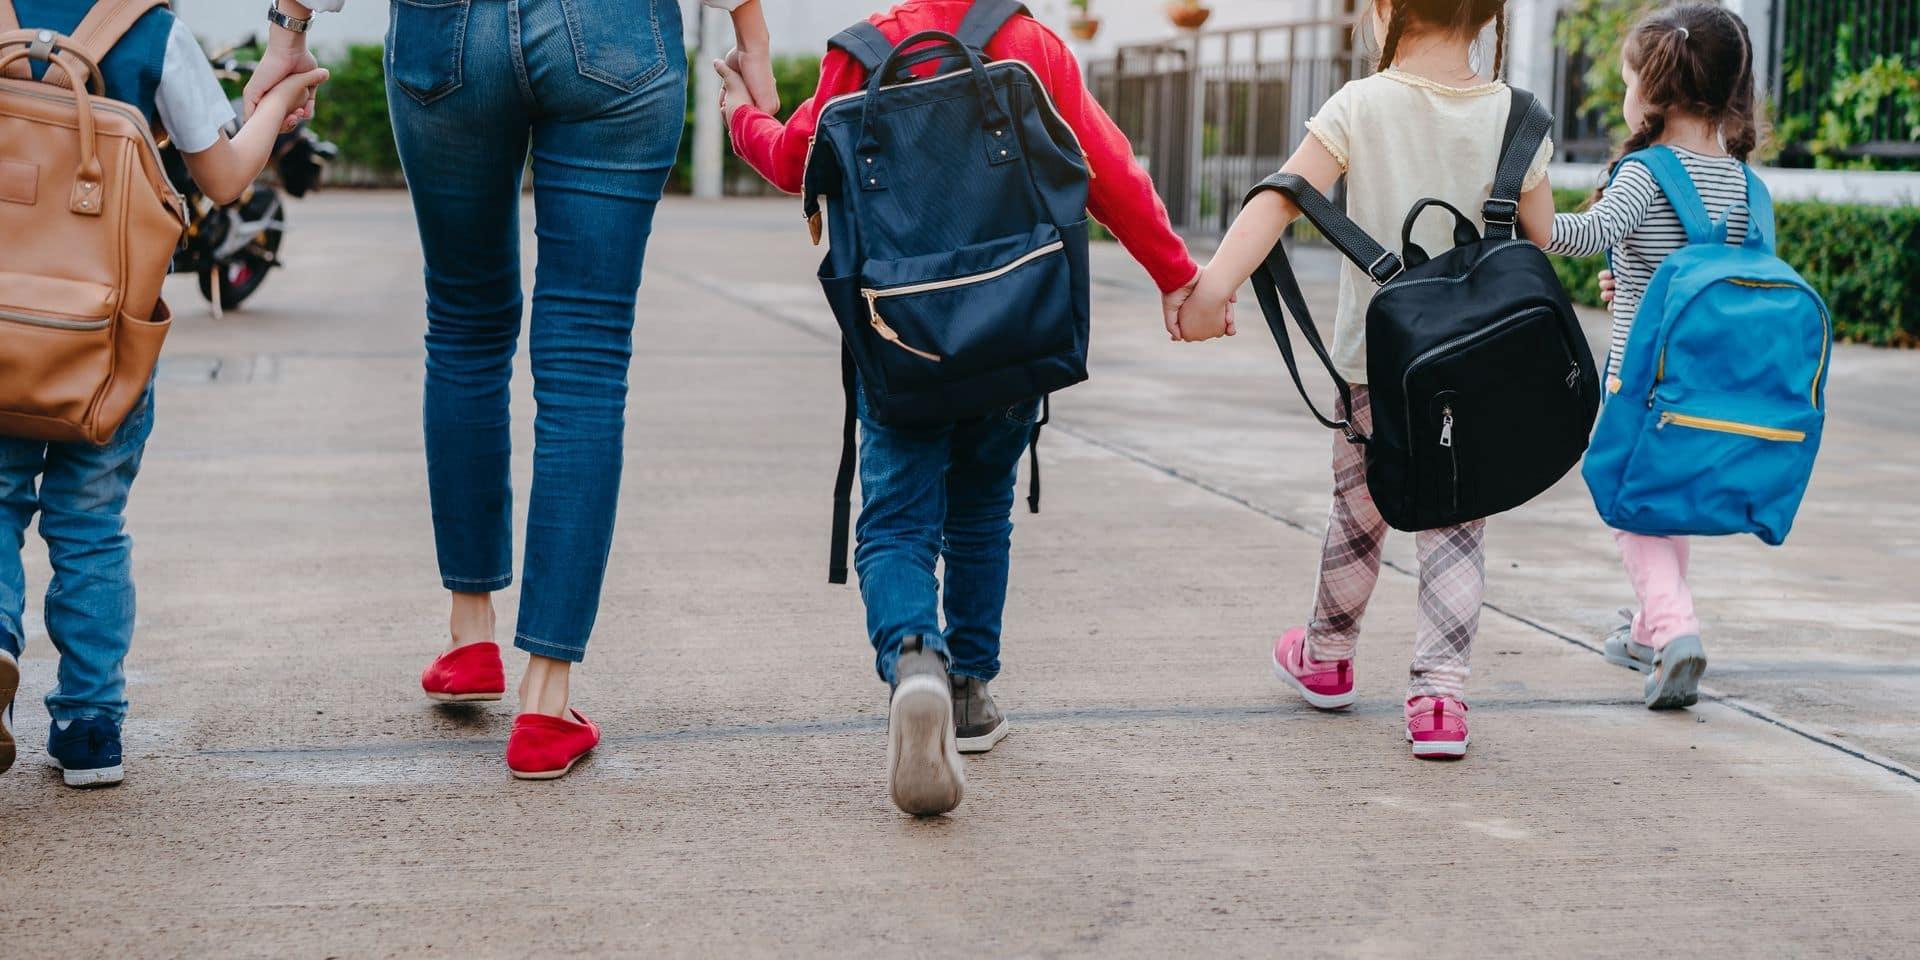 Plus de cours en présentiel du 29 mars au 2 avril, seules les écoles maternelles restent ouvertes